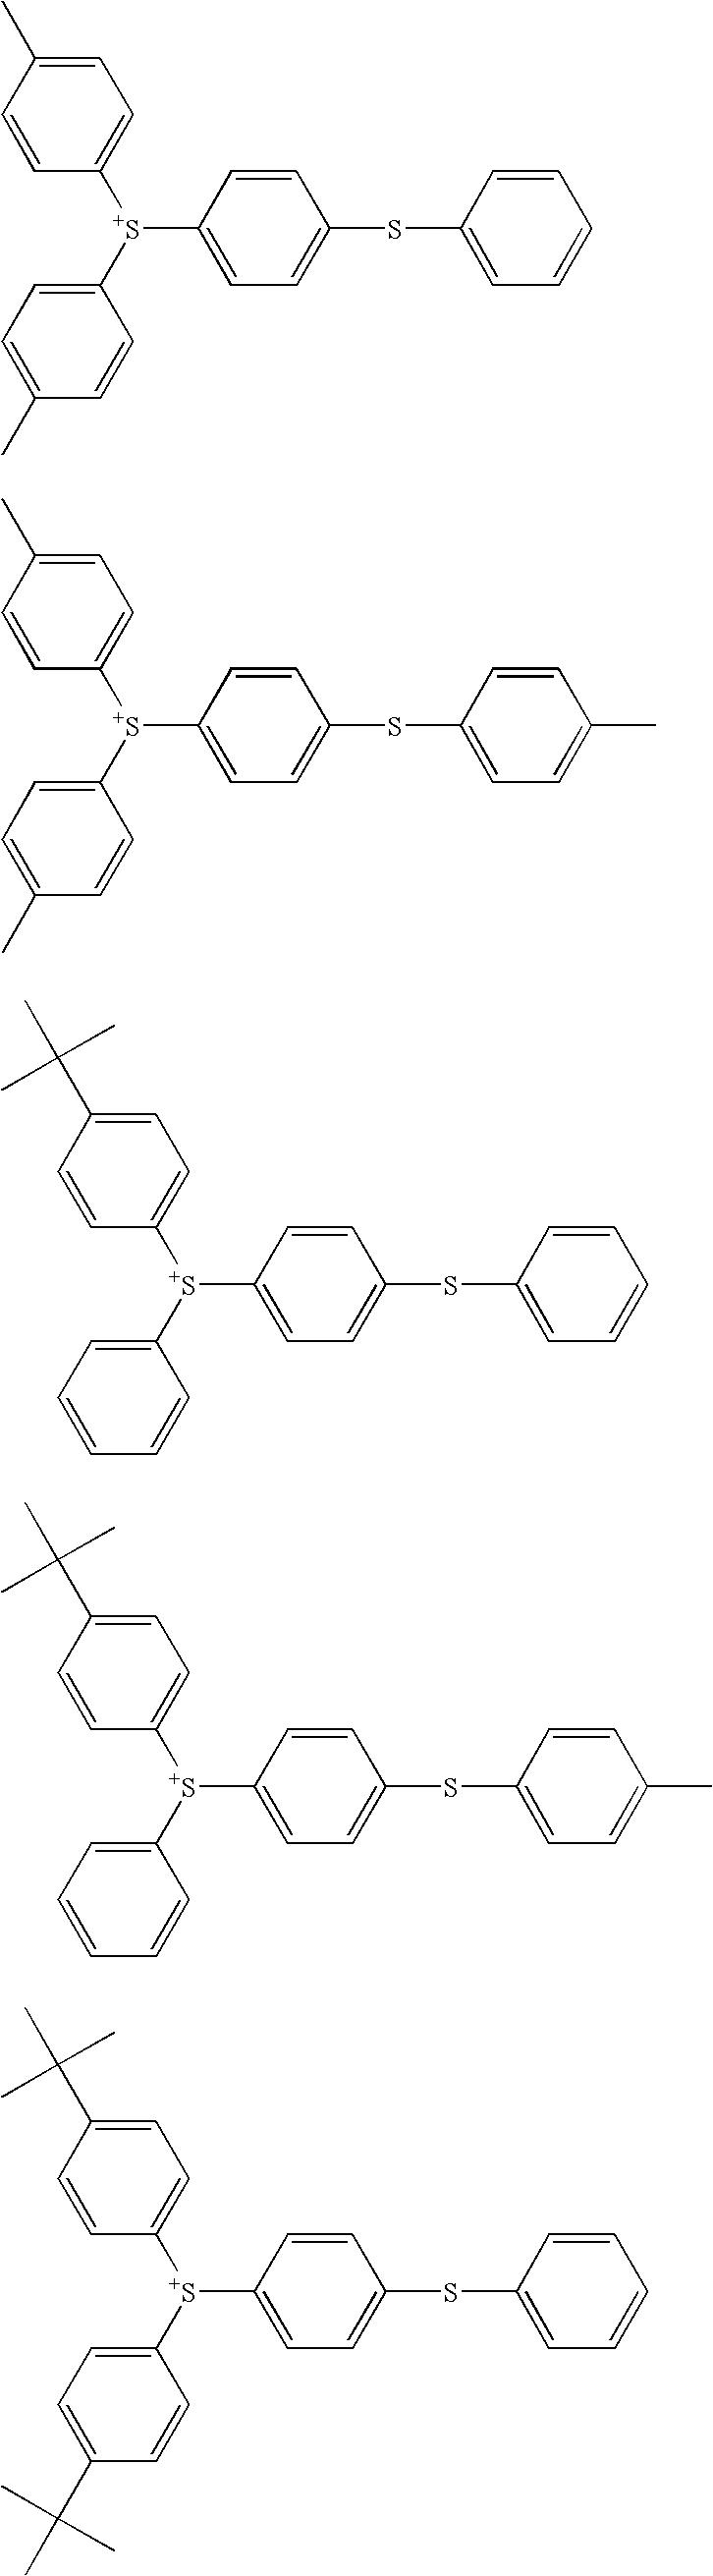 Figure US20060194982A1-20060831-C00022